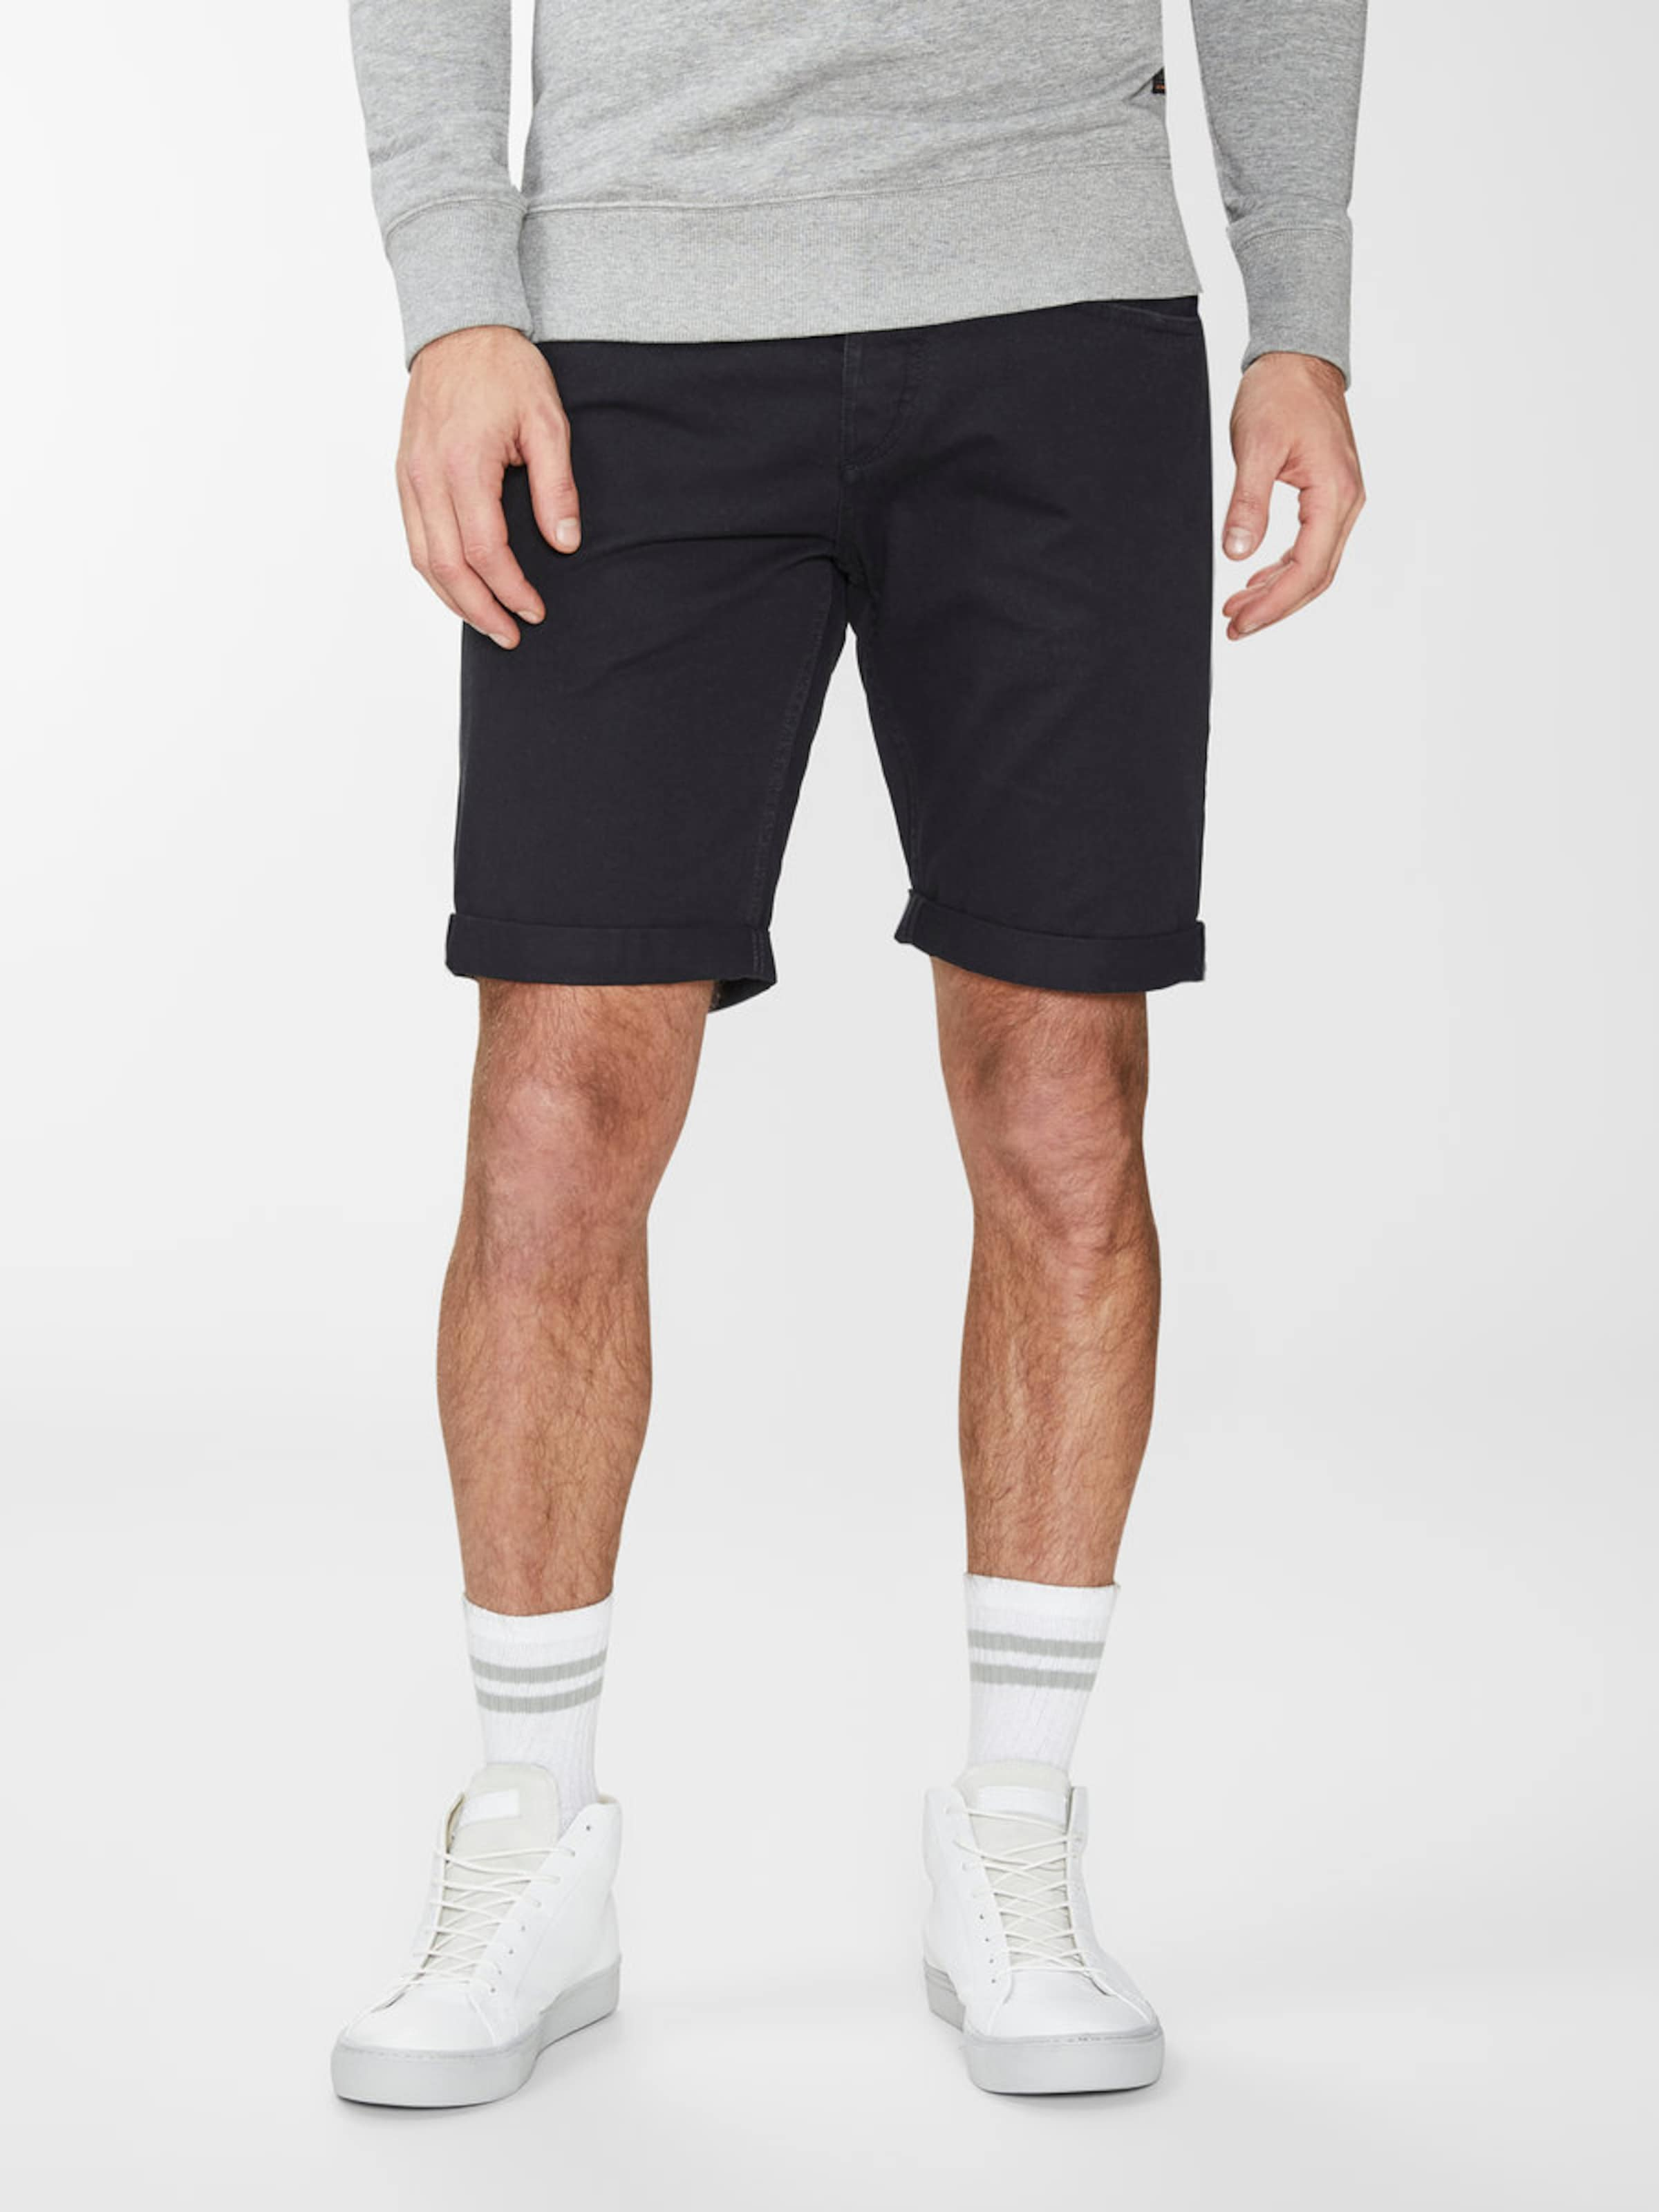 Produkt Klassische Shorts Perfekt Hohe Qualität Online Kaufen Super Günstig Kaufen Für Billig I0GRP6tMEg